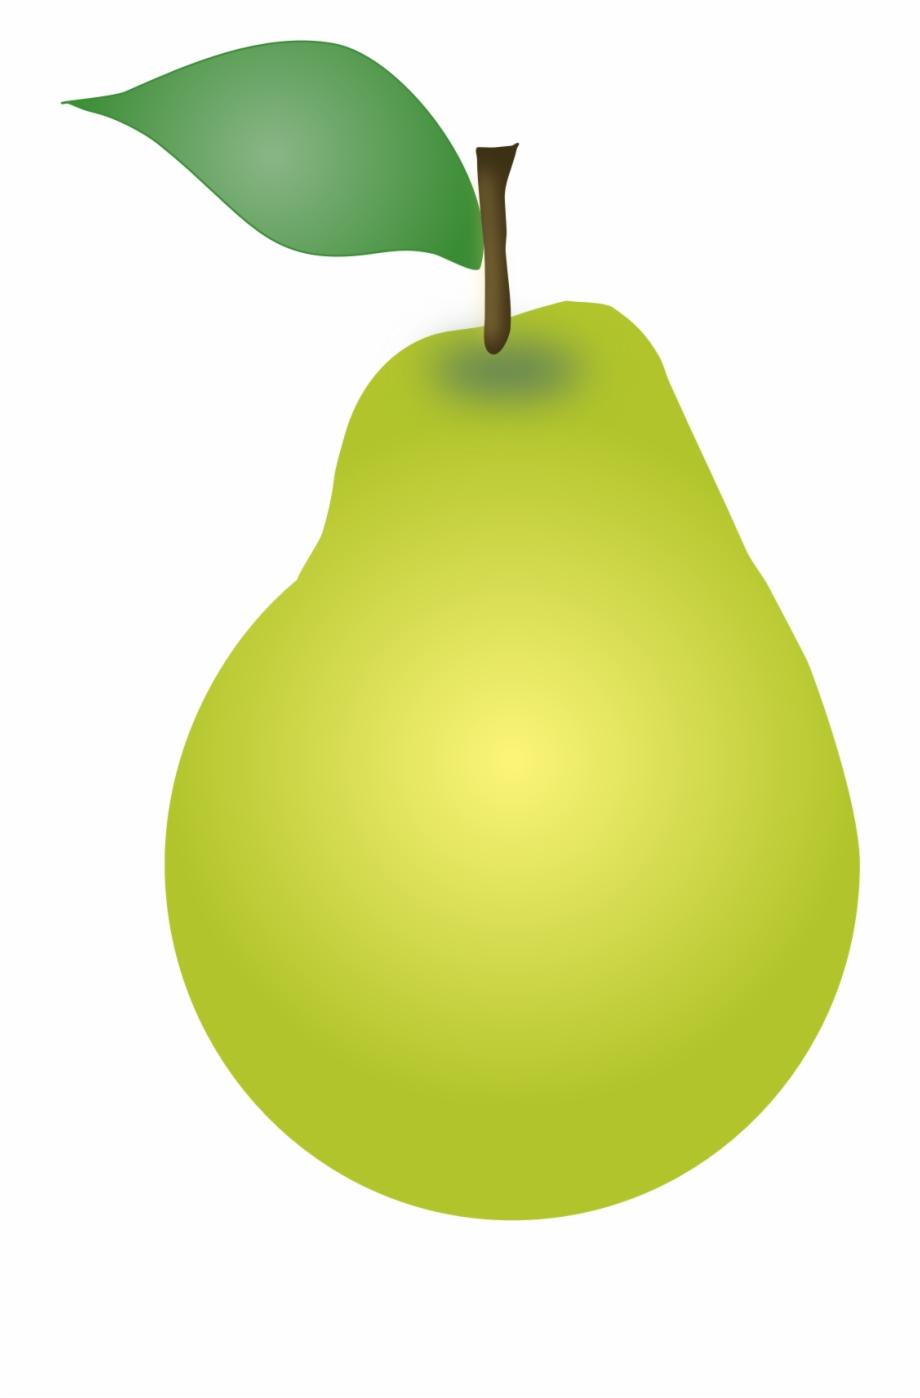 Cute Pear Clipart.